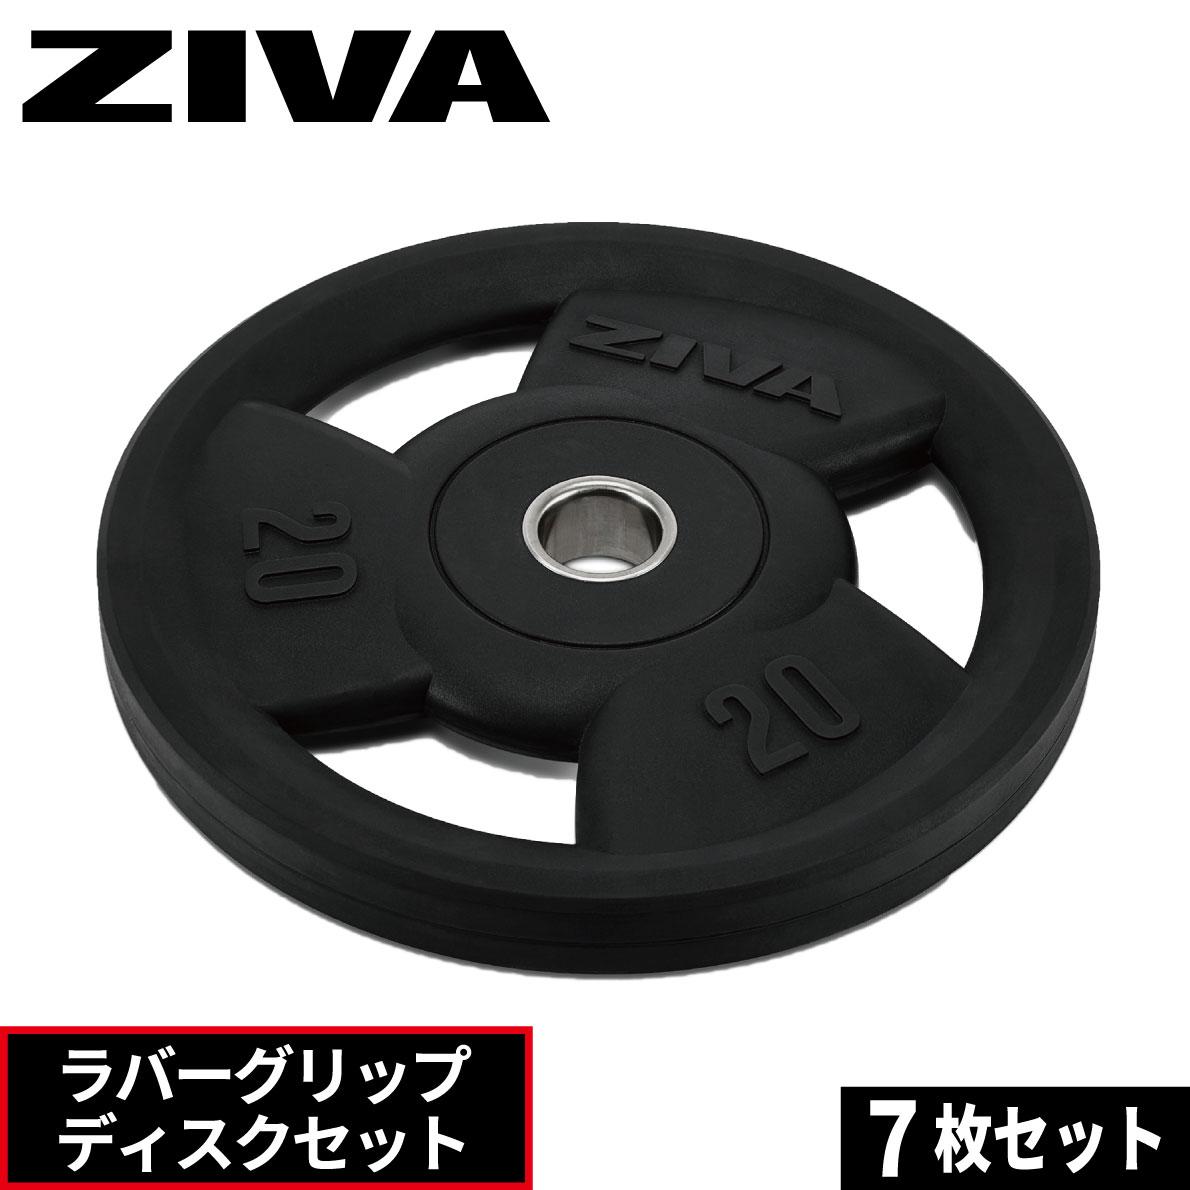 ディスクプレート 7枚セット ラバー ZIVA ジーヴァ フリーウエイト  トレーニング 1.25kg~25kg トレーニング ラバーグリップディスク